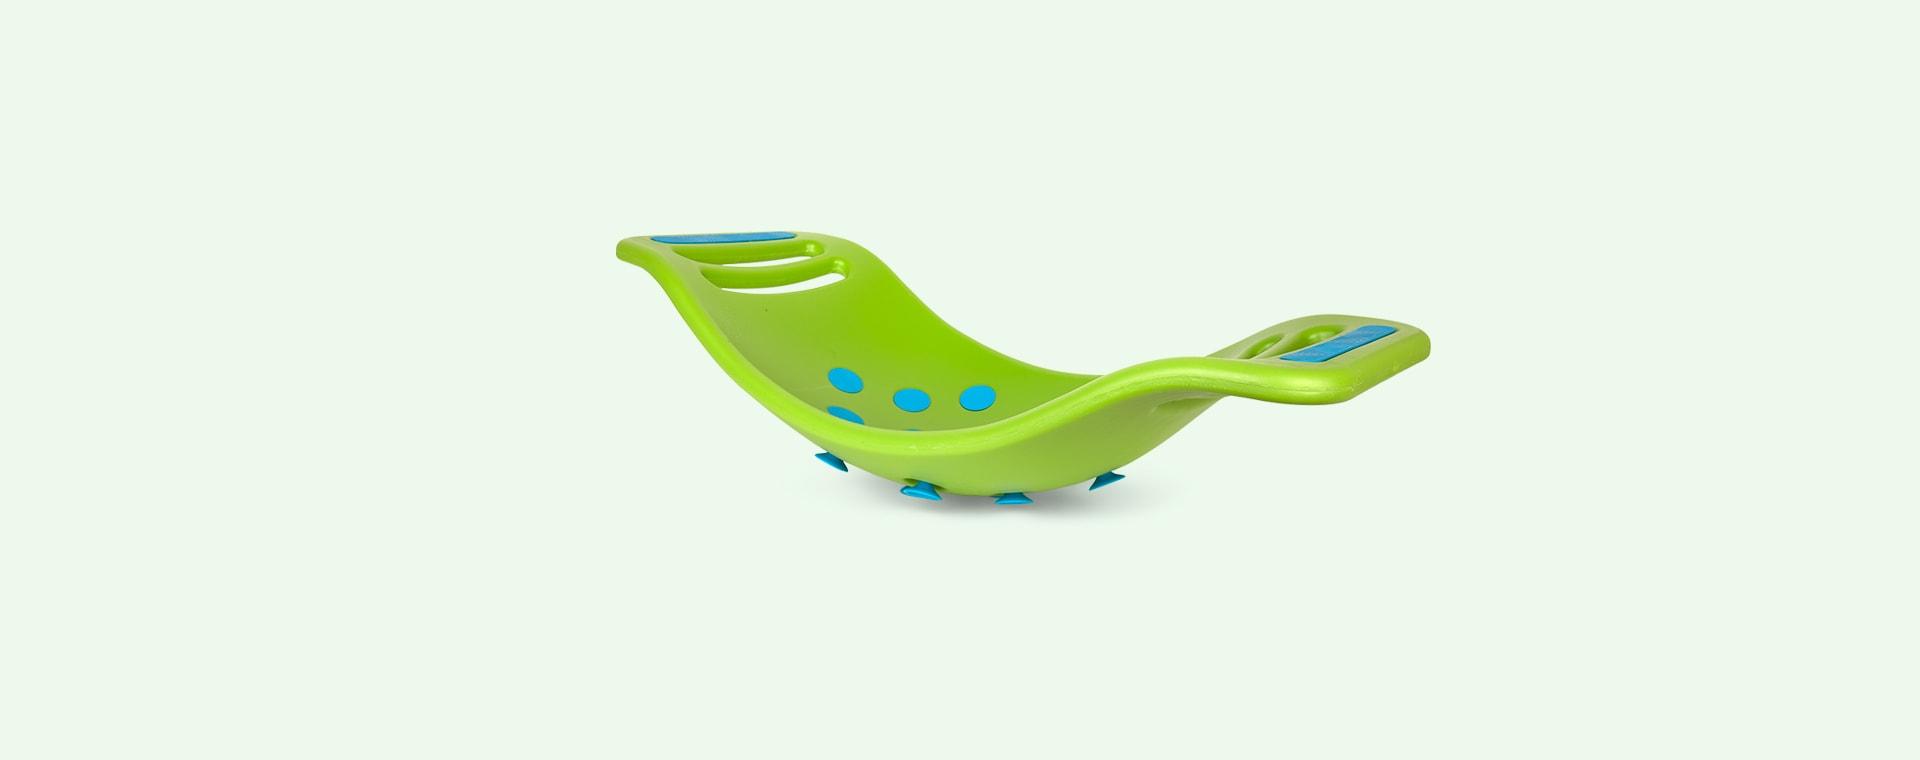 Green Fat Brain Toys Teeter Popper